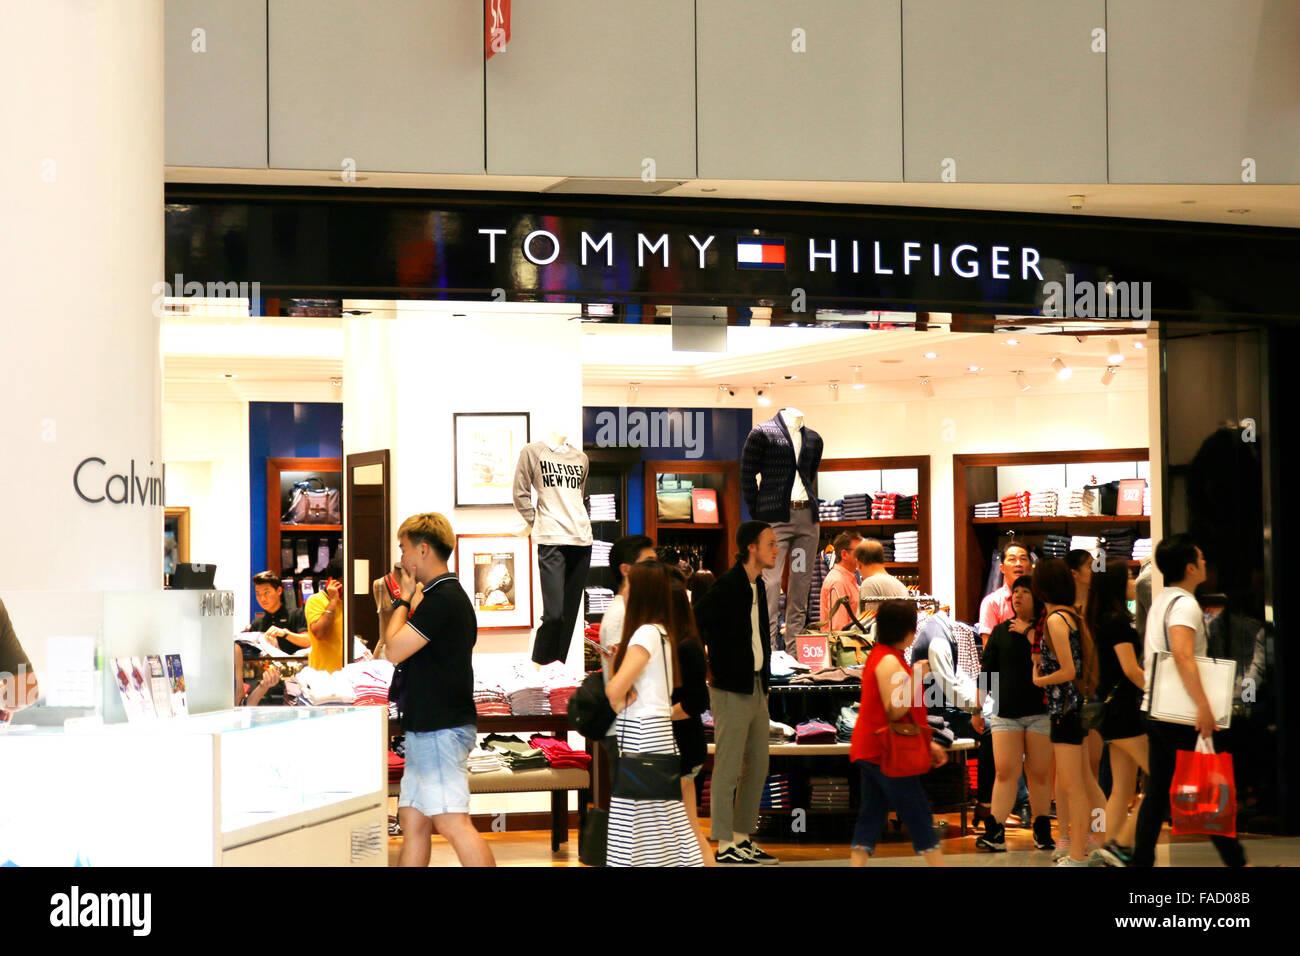 3fb51b730 Tommy Hilfiger Designer Label Stock Photos   Tommy Hilfiger Designer ...